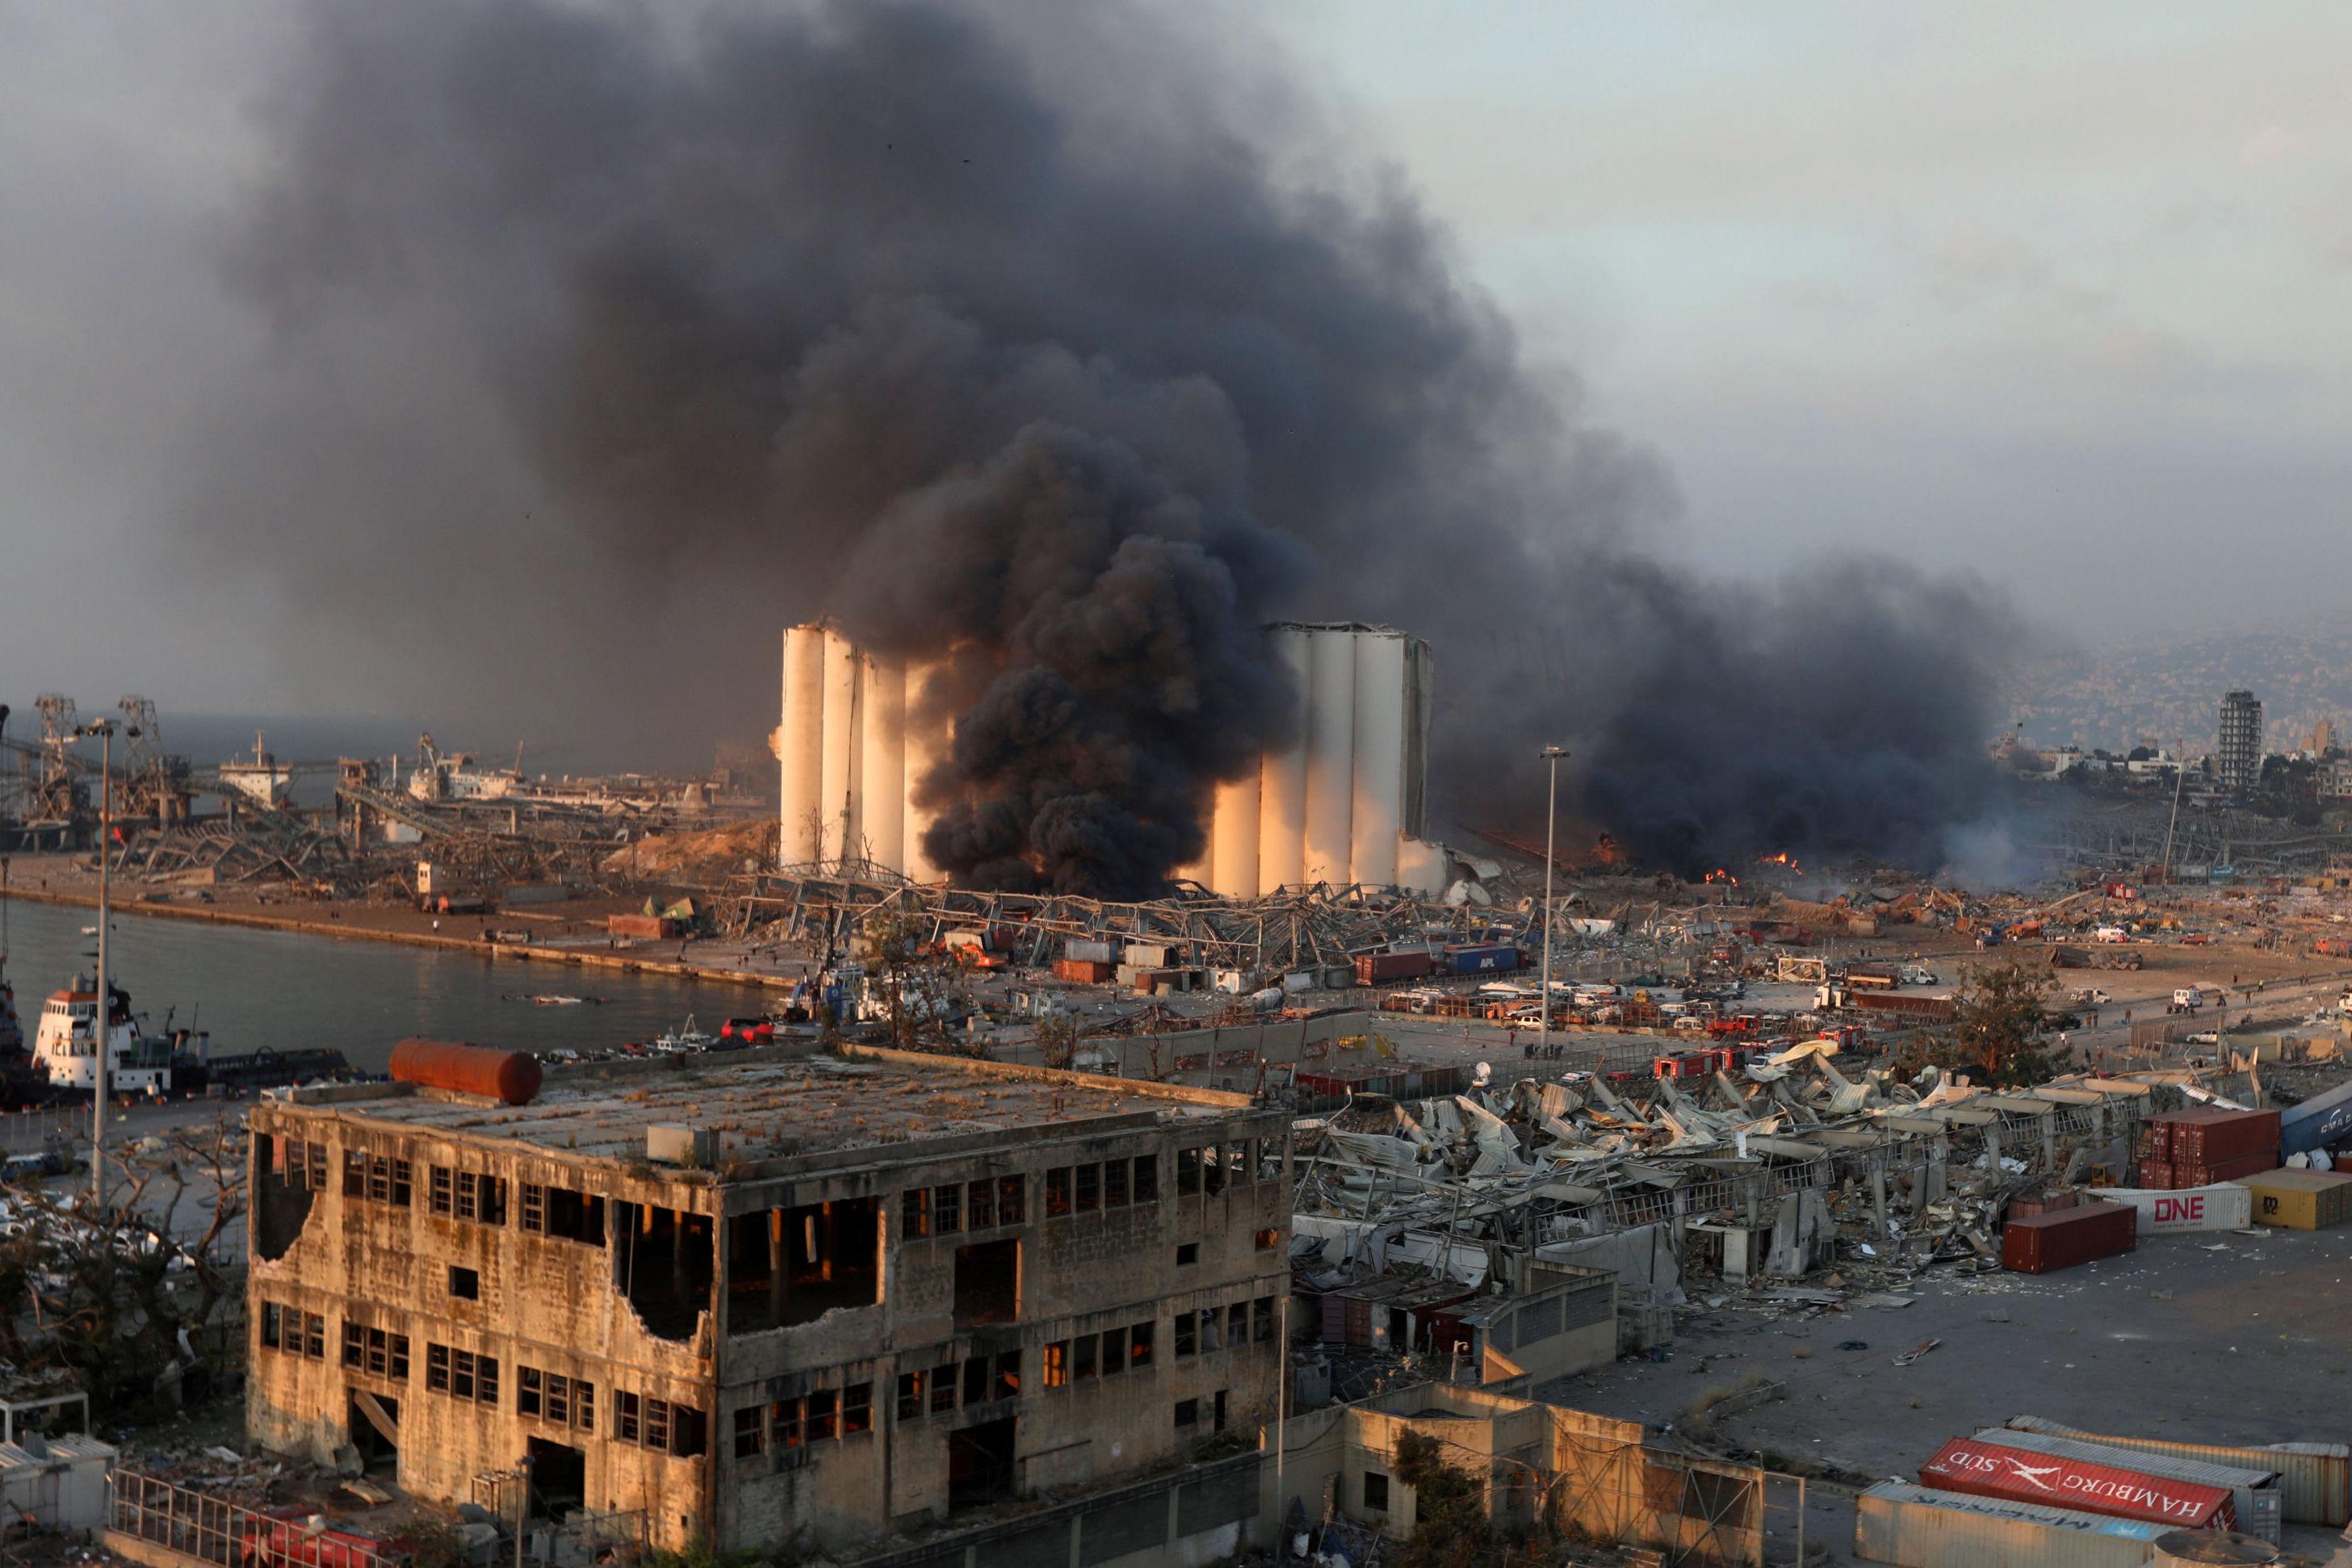 Количество жертв после взрыва в Бейруте продолжает расти